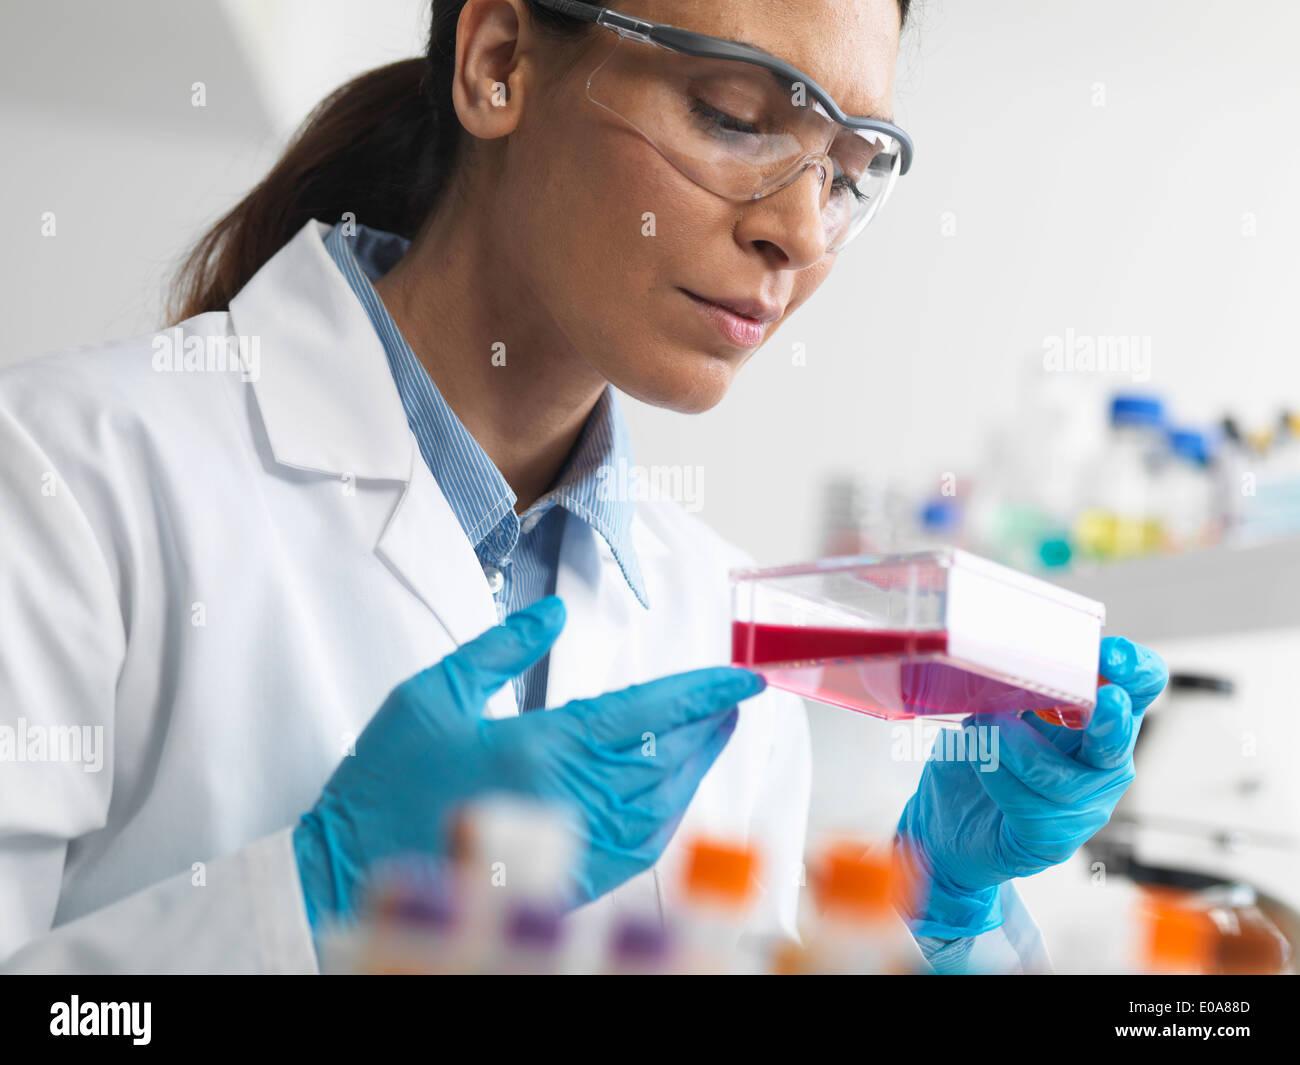 Biologo cellulare tenendo un pallone contenente cellule staminali, coltivato in rosso medium di crescita, per studiare le malattie Immagini Stock